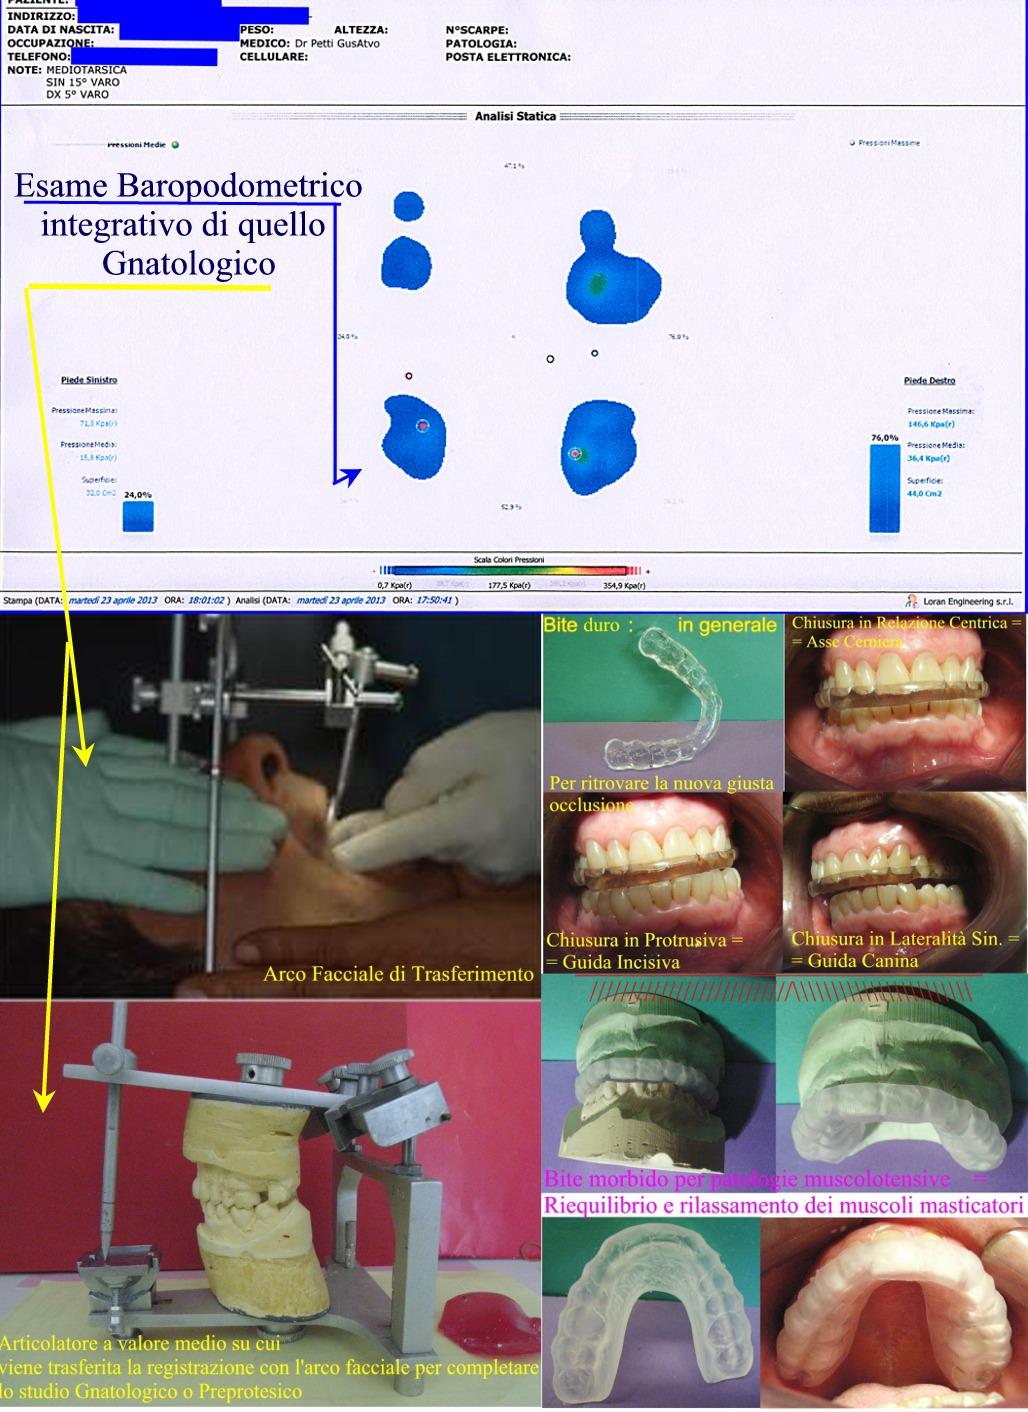 analisi-gnatologica-dr-g.petti-1501.jpg